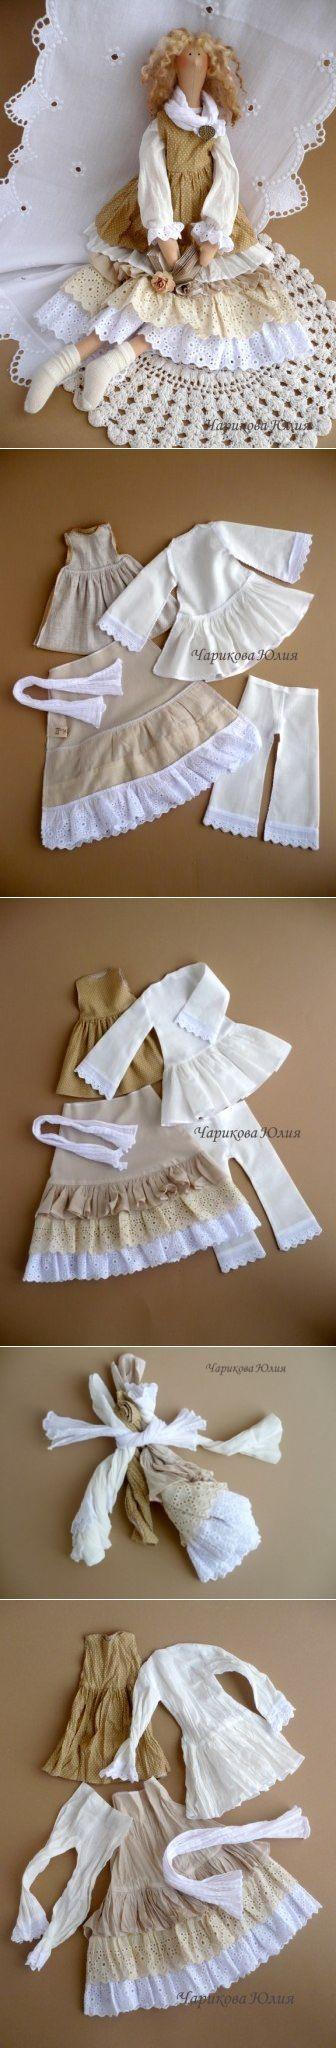 Мини МК от Юлии Чариковой. Как сделать одежду в стиле Бохо.  Описание процесса под фото (слова автора))).